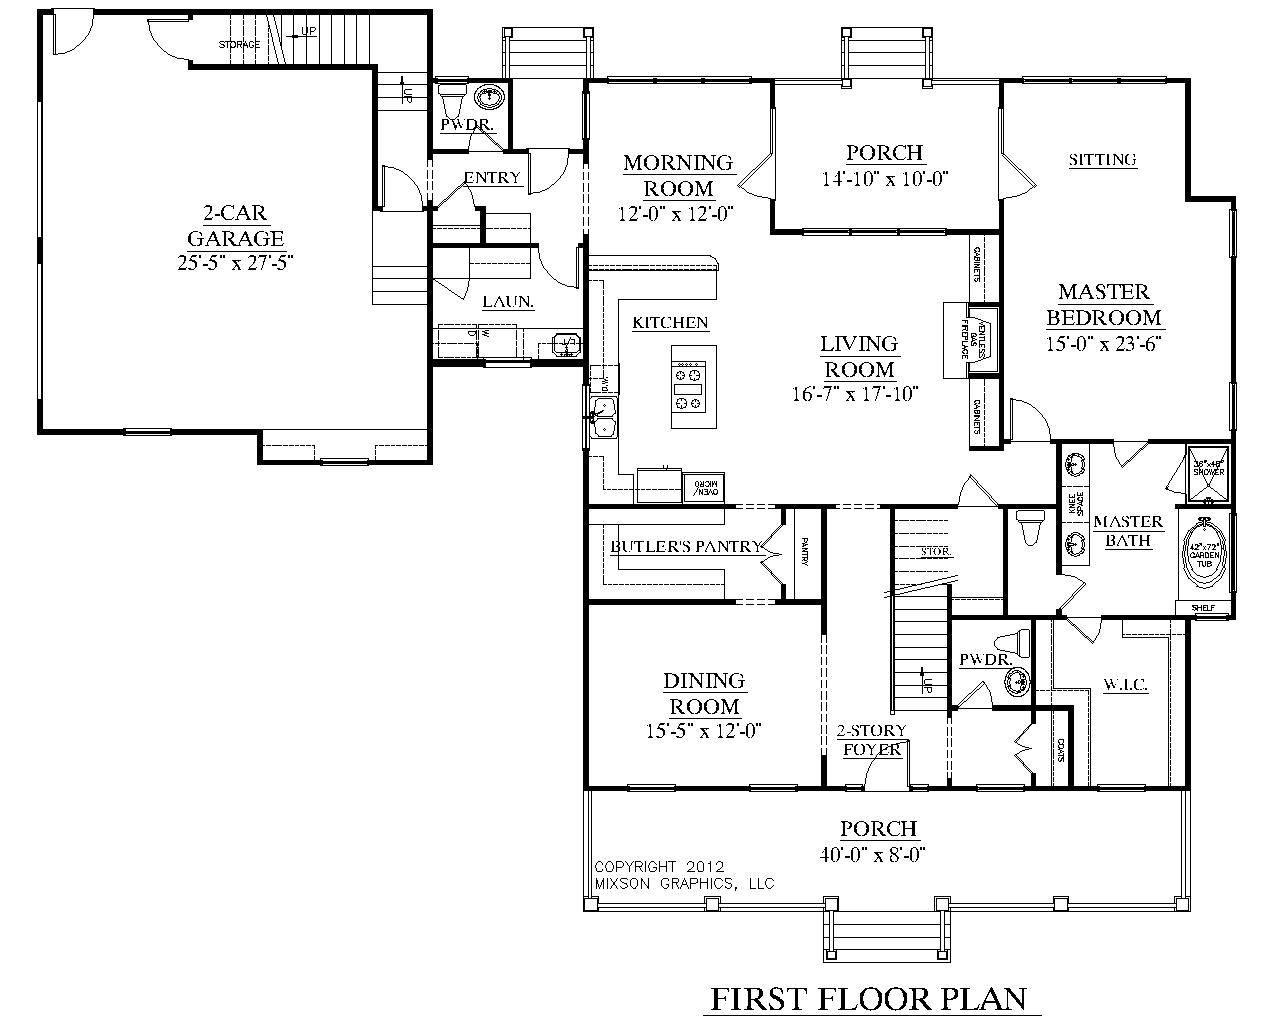 Sears House Plans Bedroom Bonus Room Upstairs